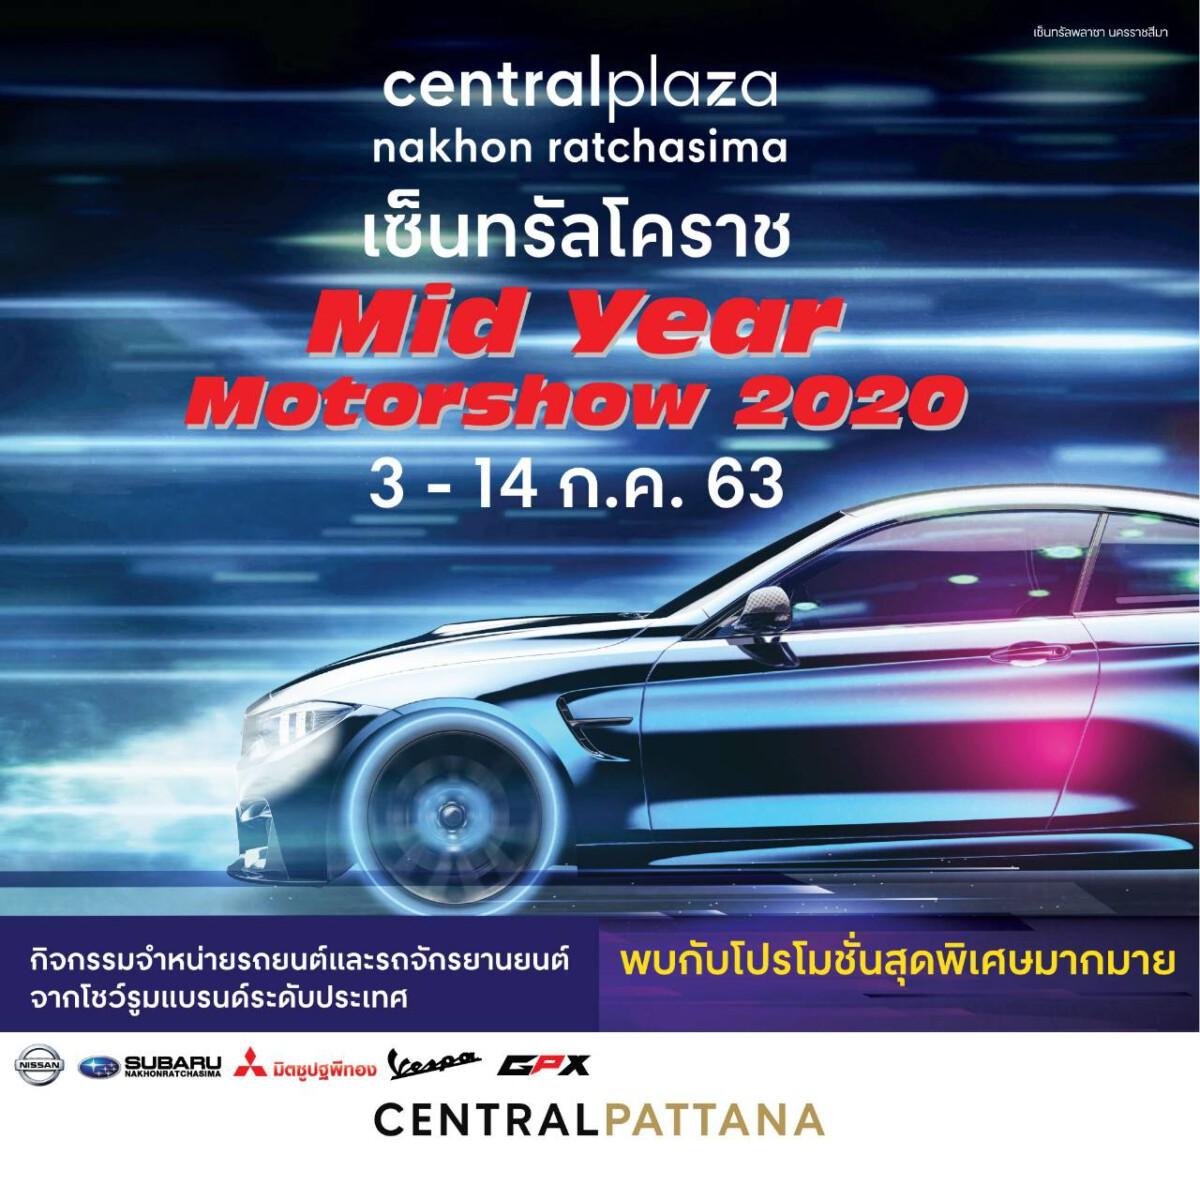 เซ็นทรัลโคราช จัดมหกรรมยานยนต์ Mid Year Motor Show 2020 วันที่ 3-14 ก.ค.2563